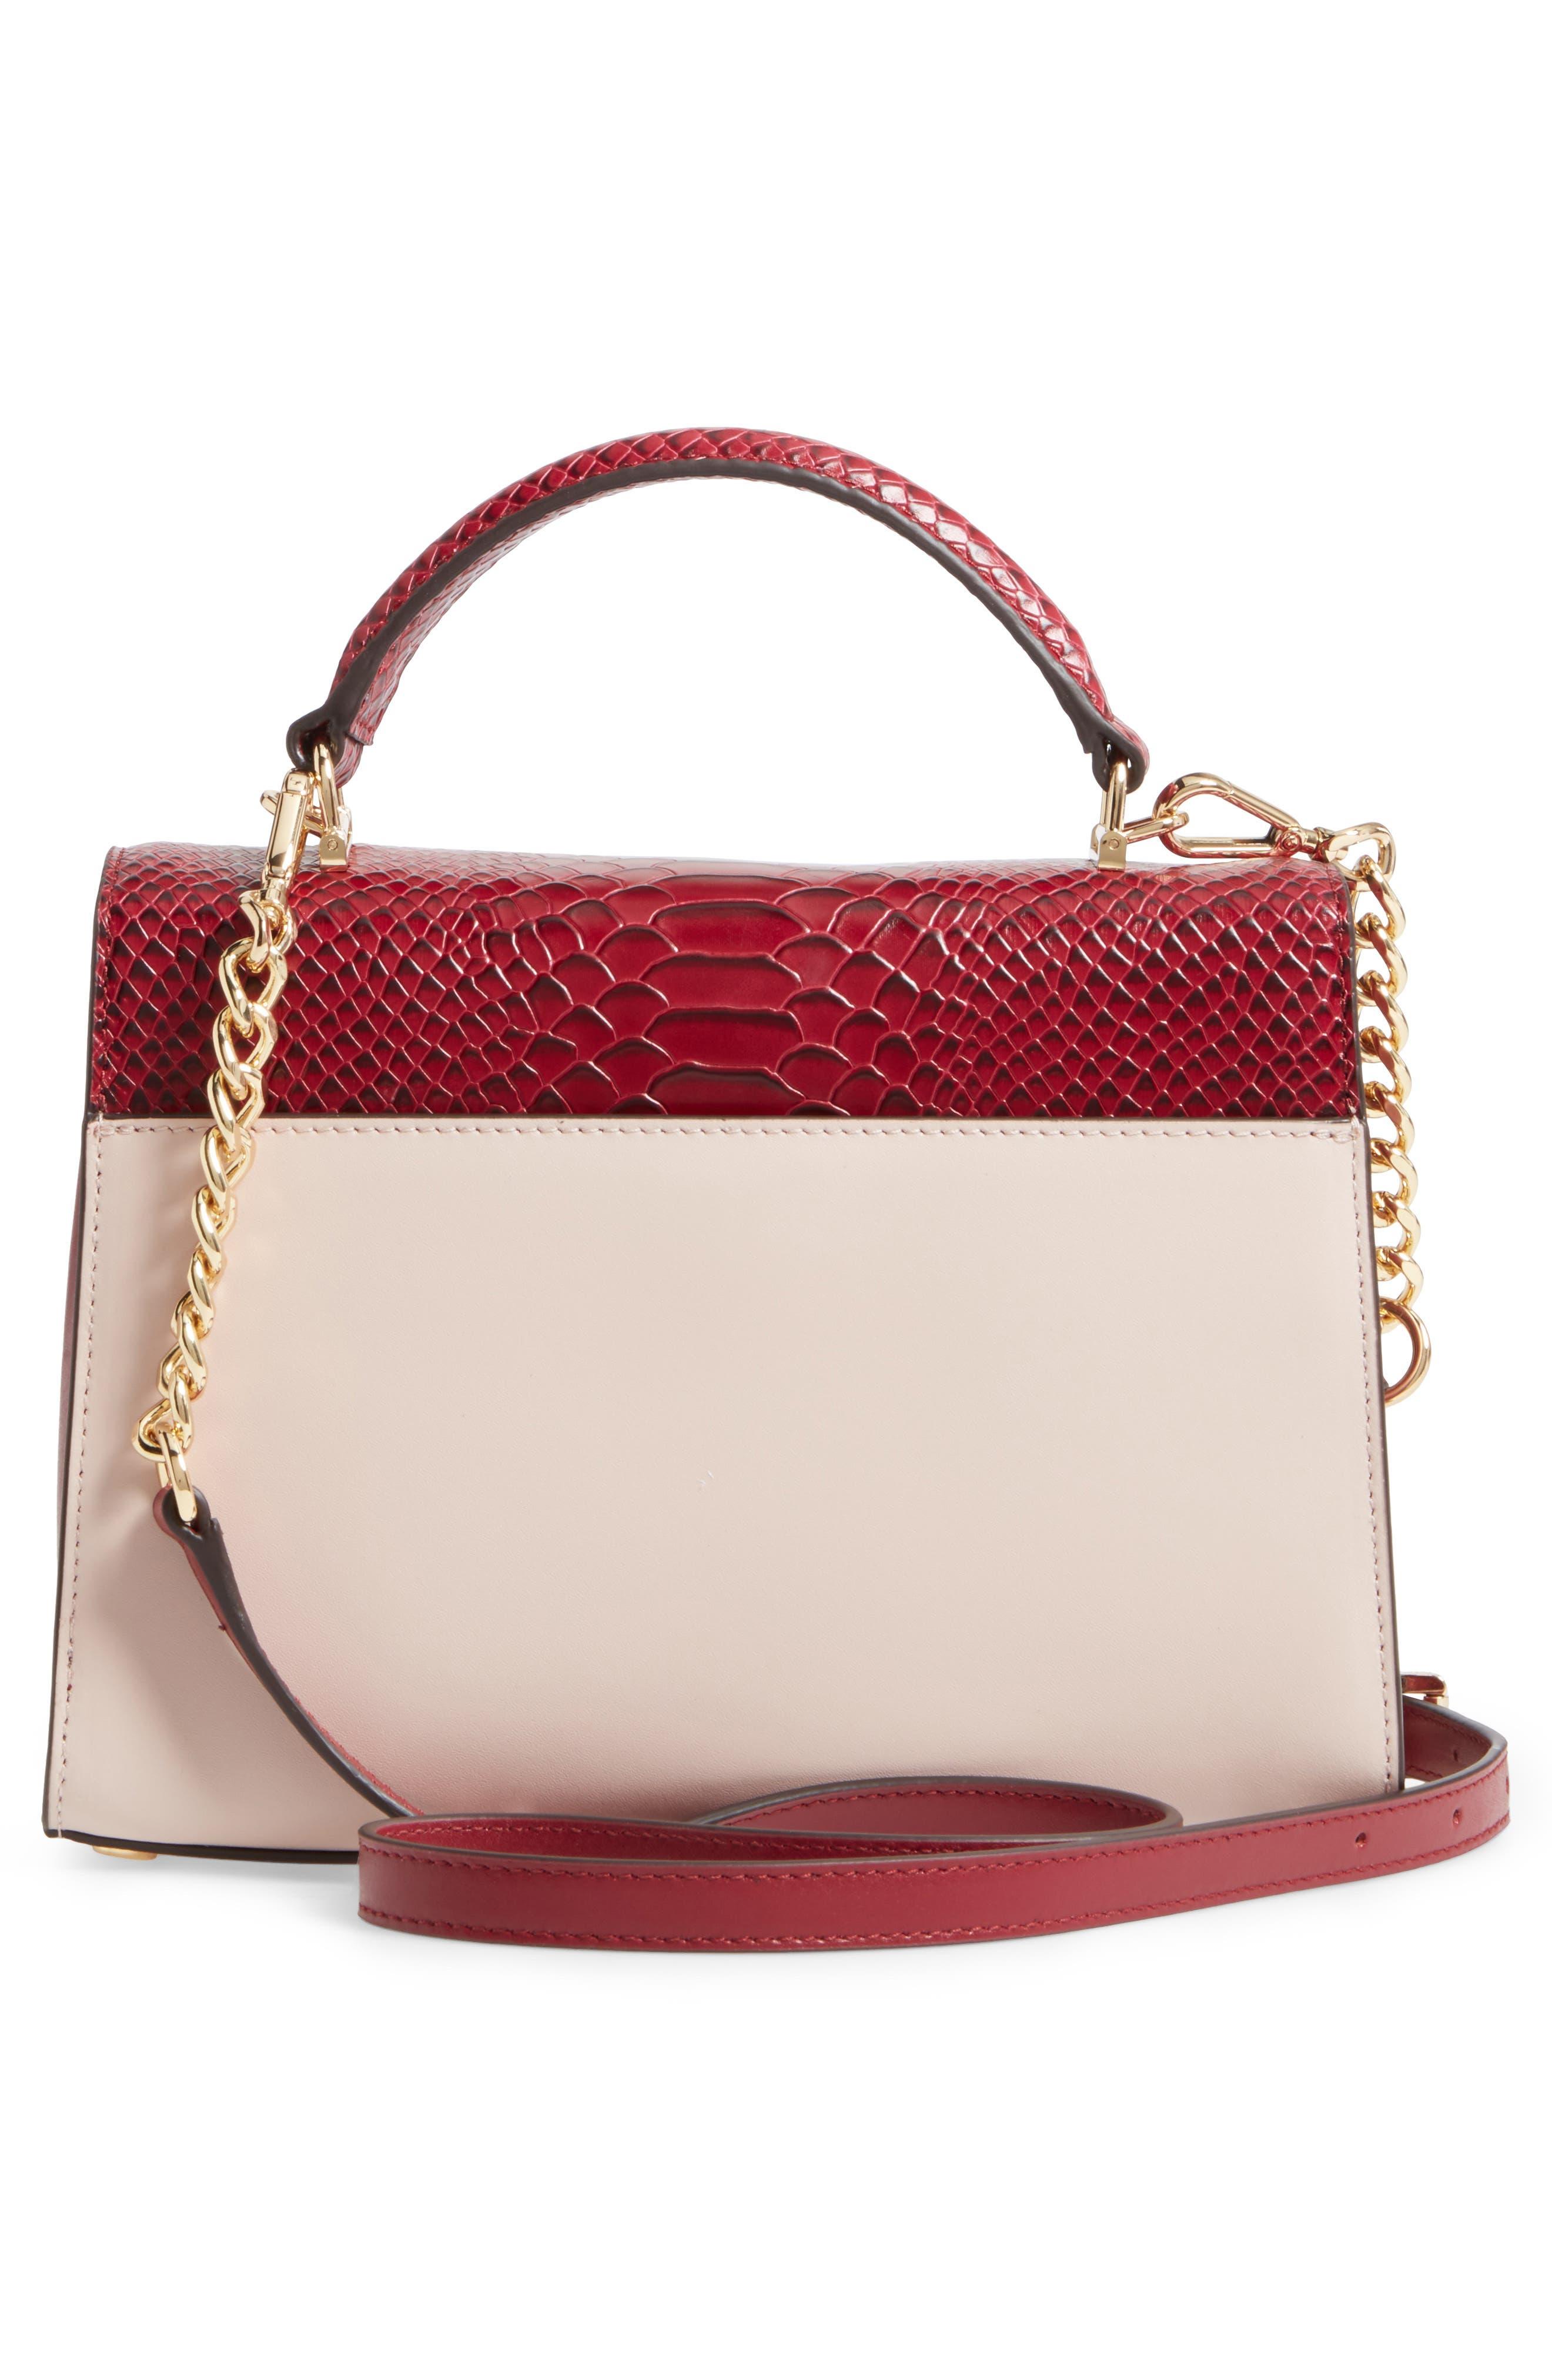 Medium Sloan Leather Shoulder Bag,                             Alternate thumbnail 3, color,                             686